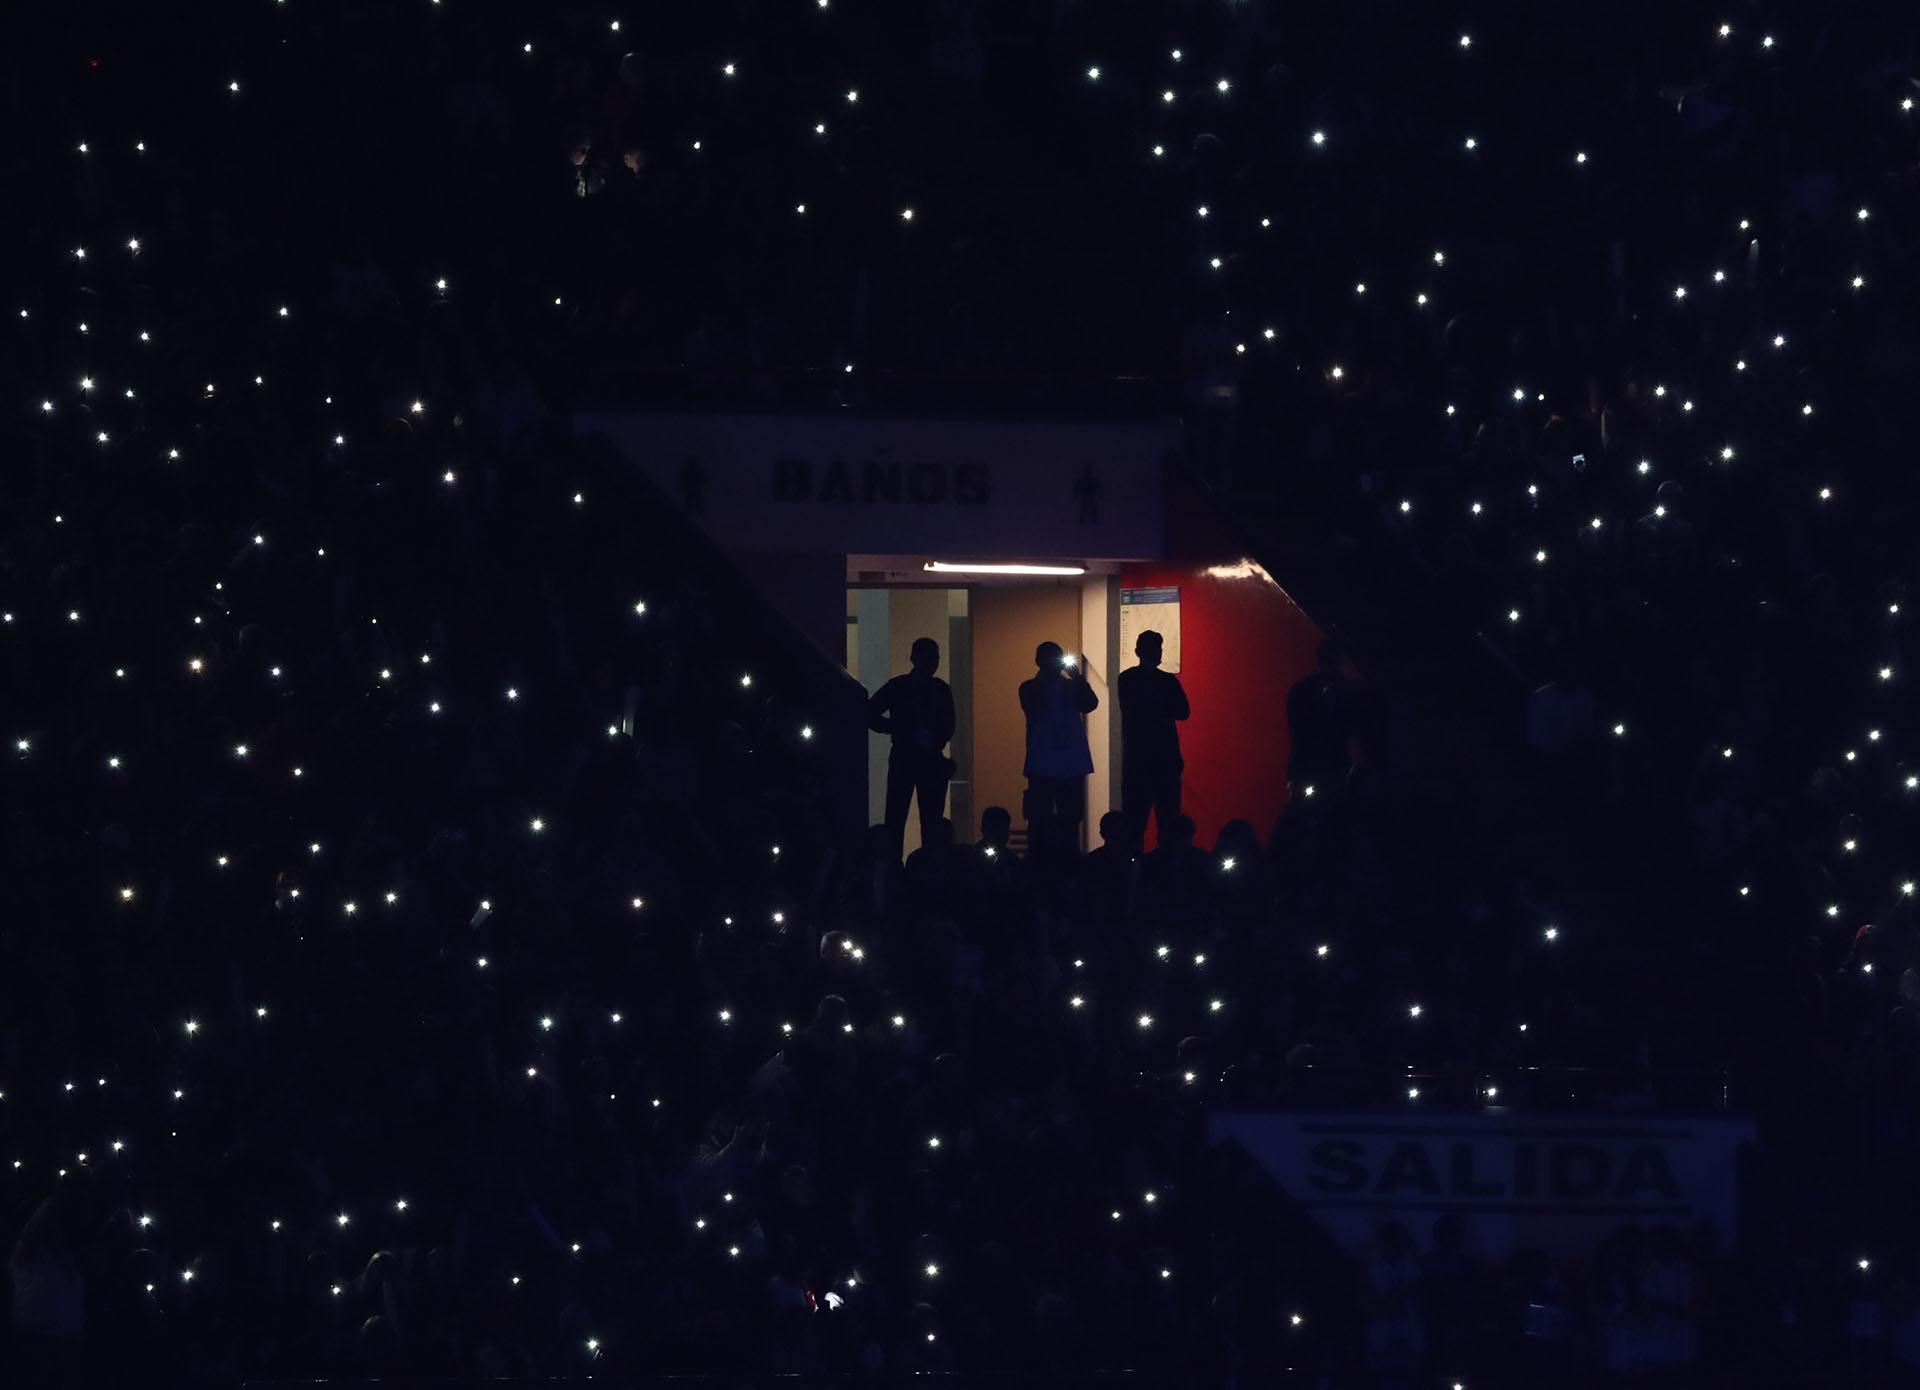 El público también fue protagonista en la ceremonia de apertura (REUTERS/Ivan Alvarado)